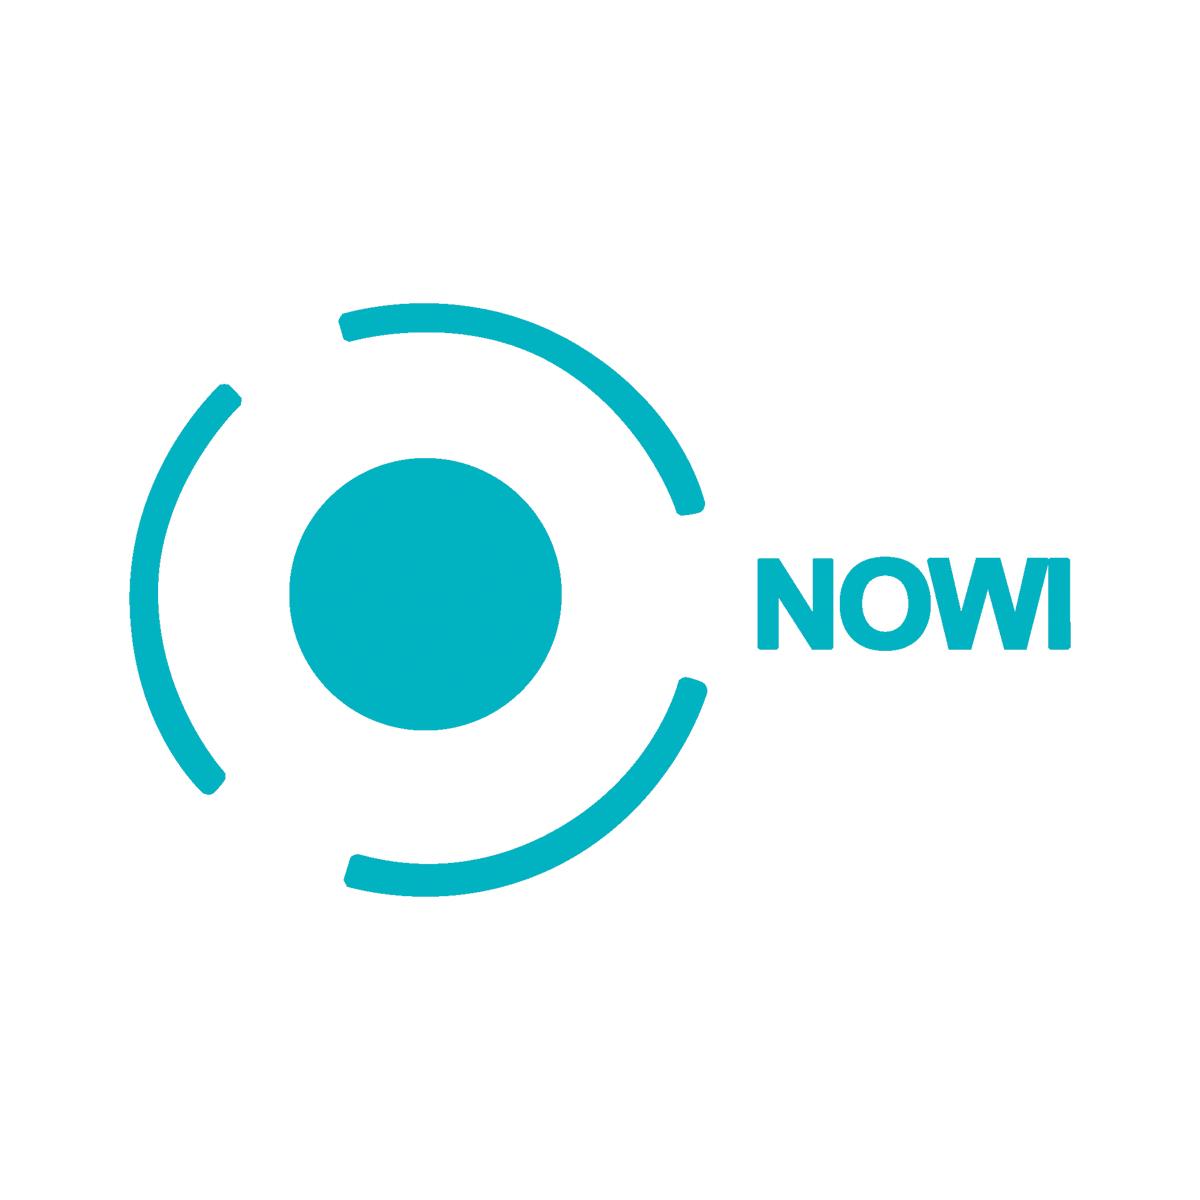 Nowi's logo